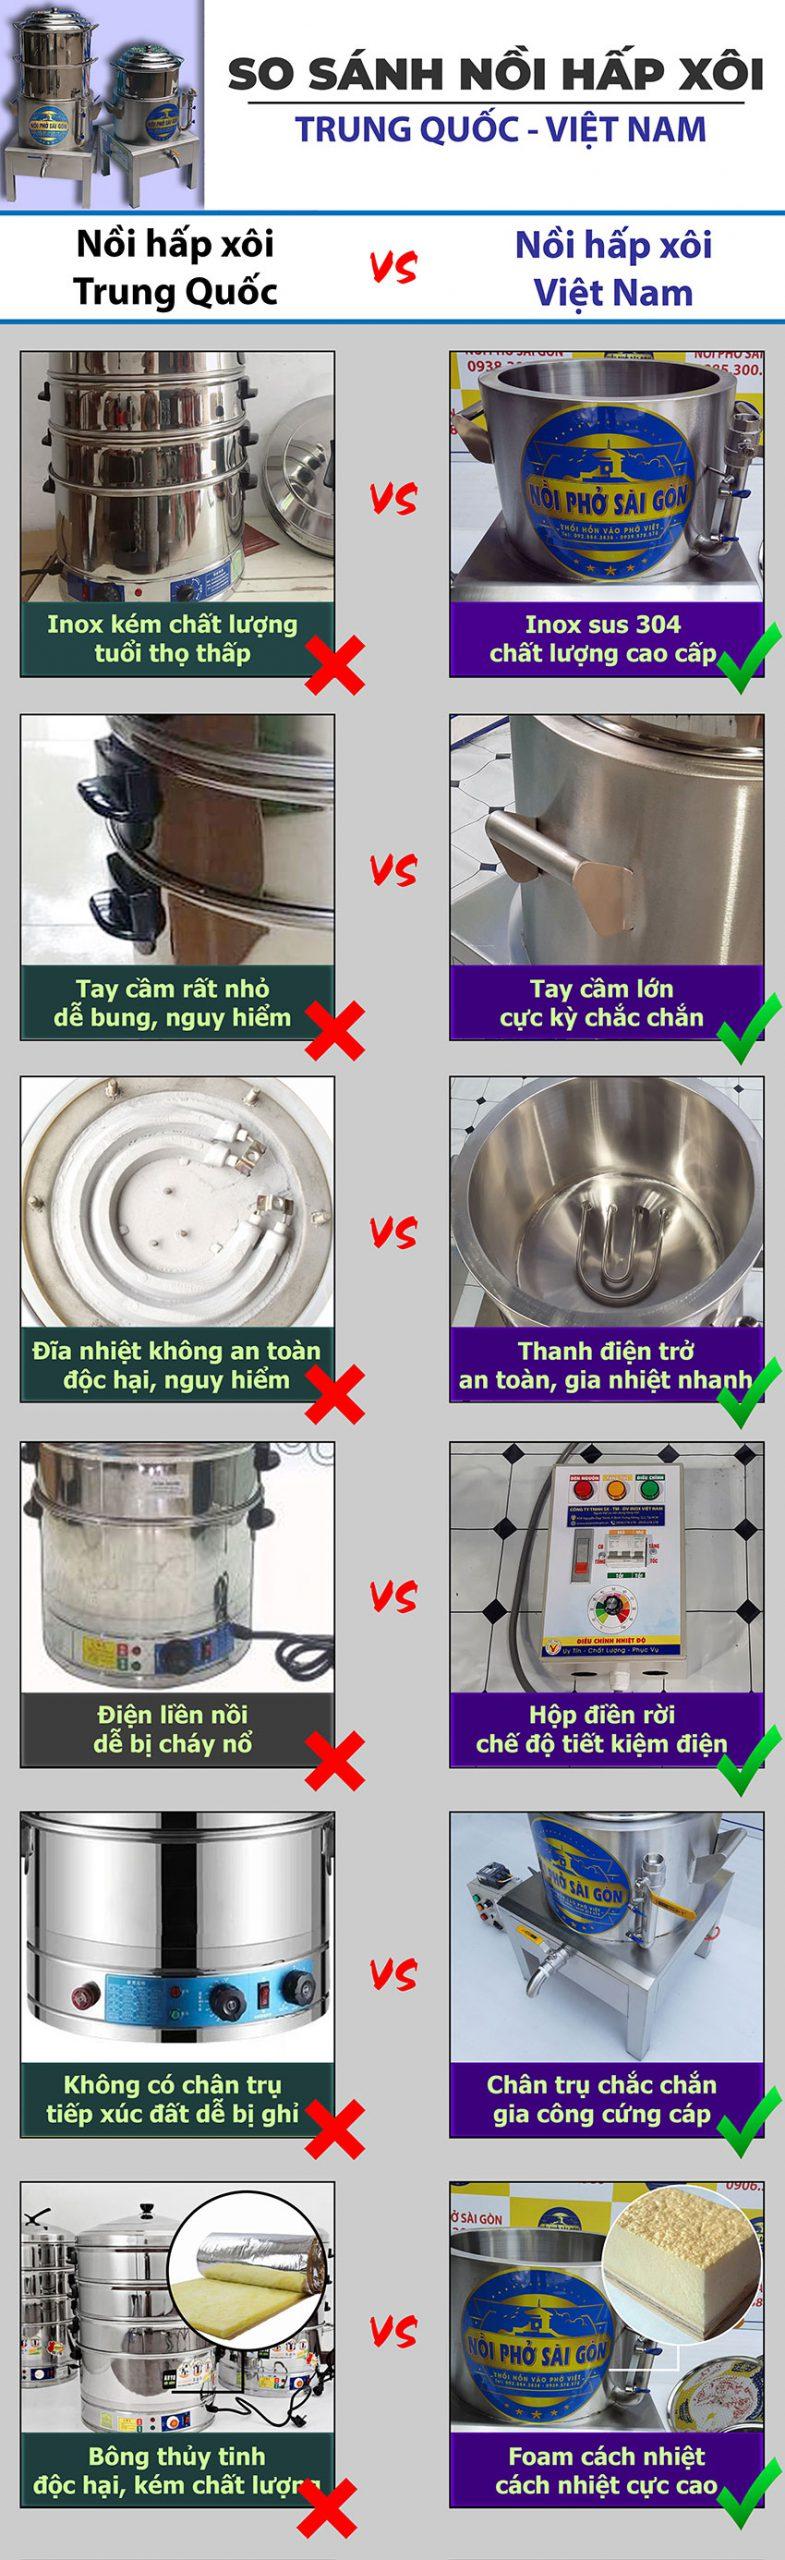 So sánh nồi hấp xôi bằng điện Việt Nam và Trung Quốc.